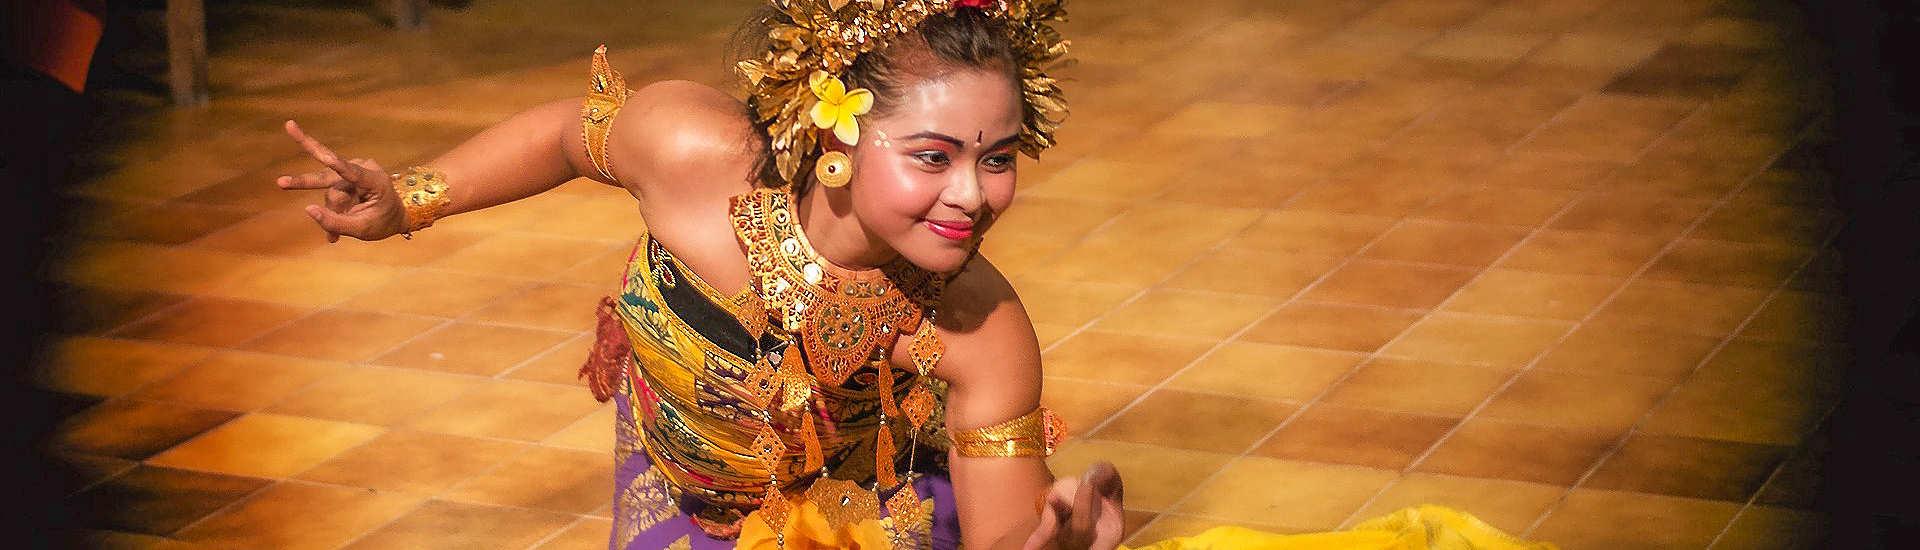 Balinesischer Tanz – Bali, Indonesien